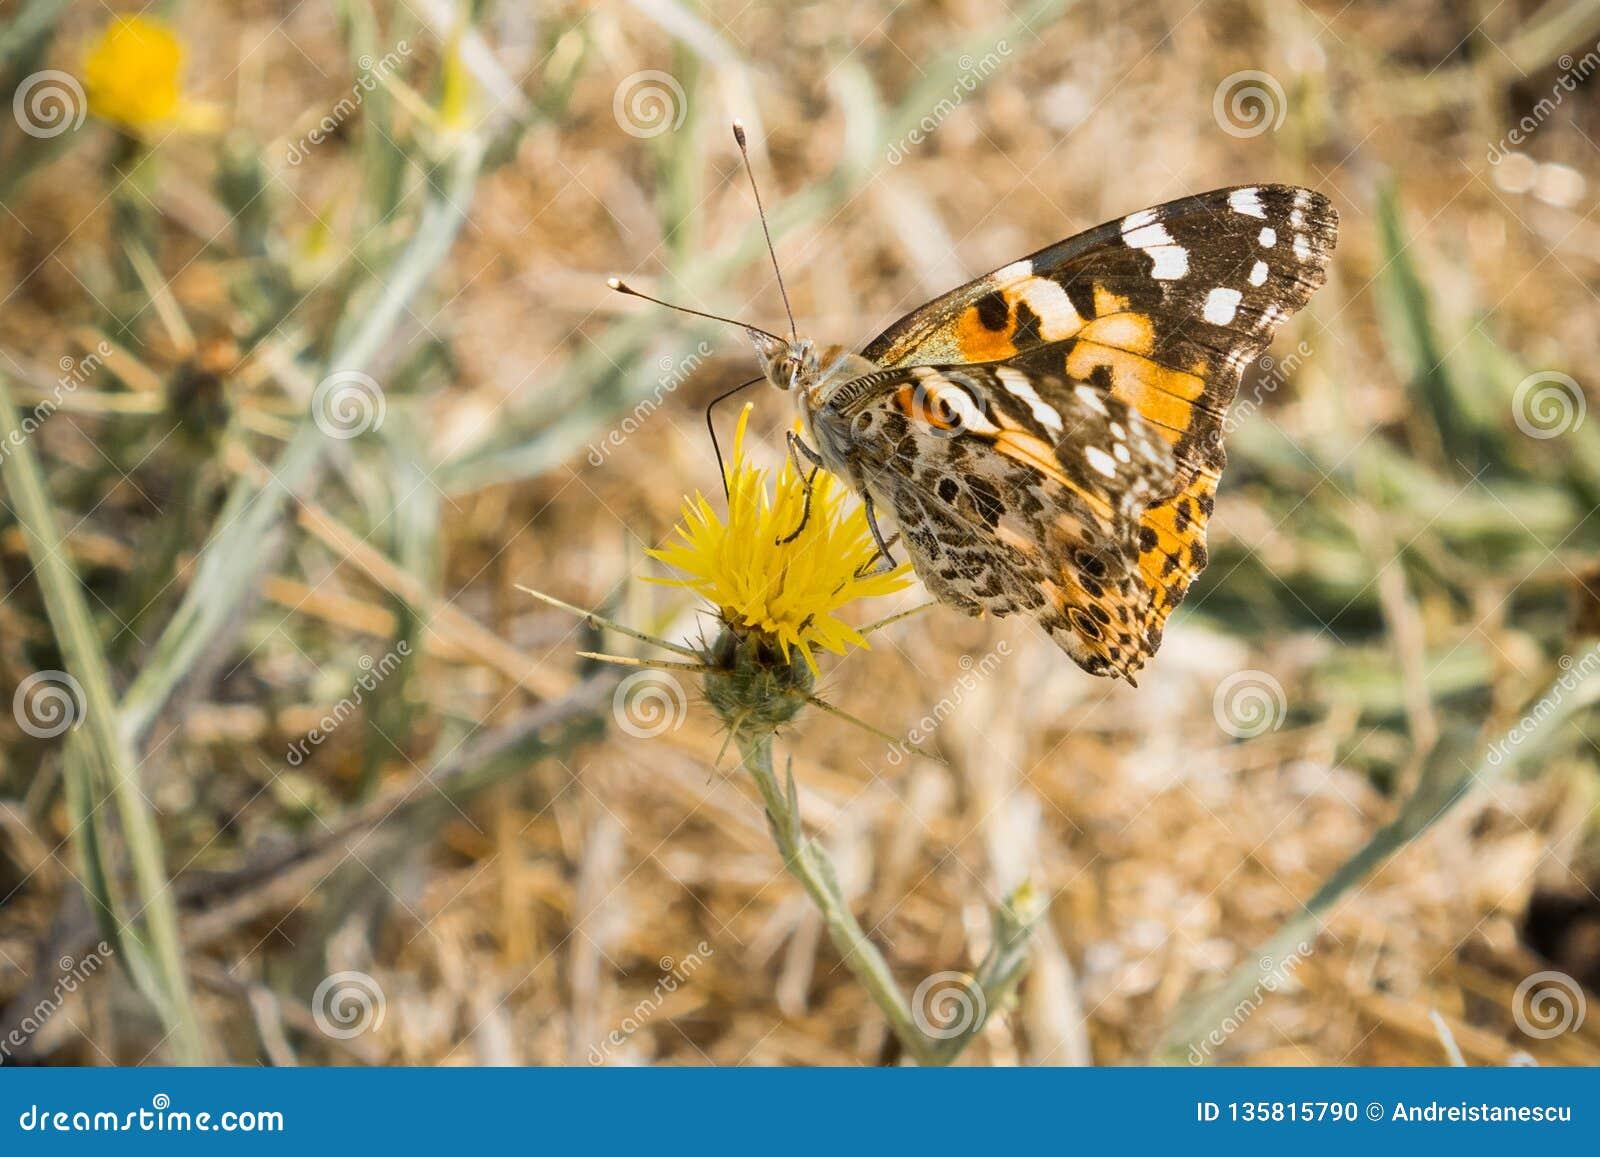 Senhora pintada borboleta (cardui de Vanessa) empoleirada em um cardo amarelo da estrela (solstitialis do Centaurea) que floresce